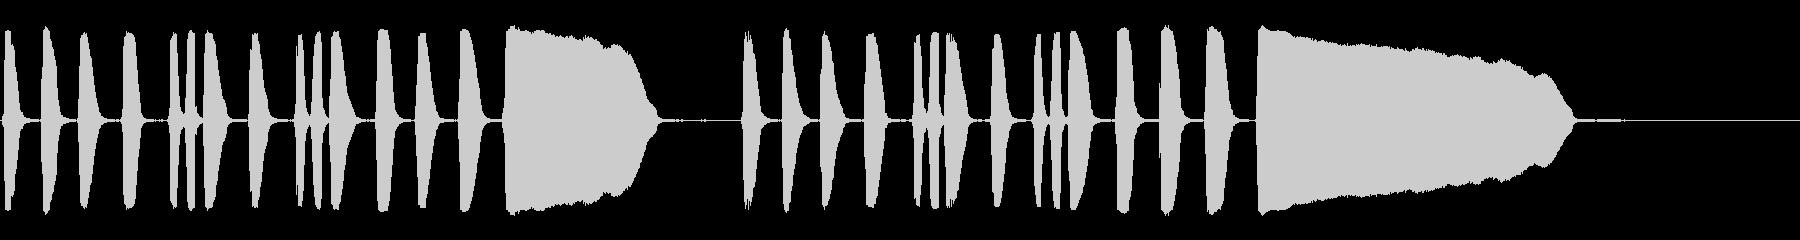 トランペット:トラックへのアクセン...の未再生の波形